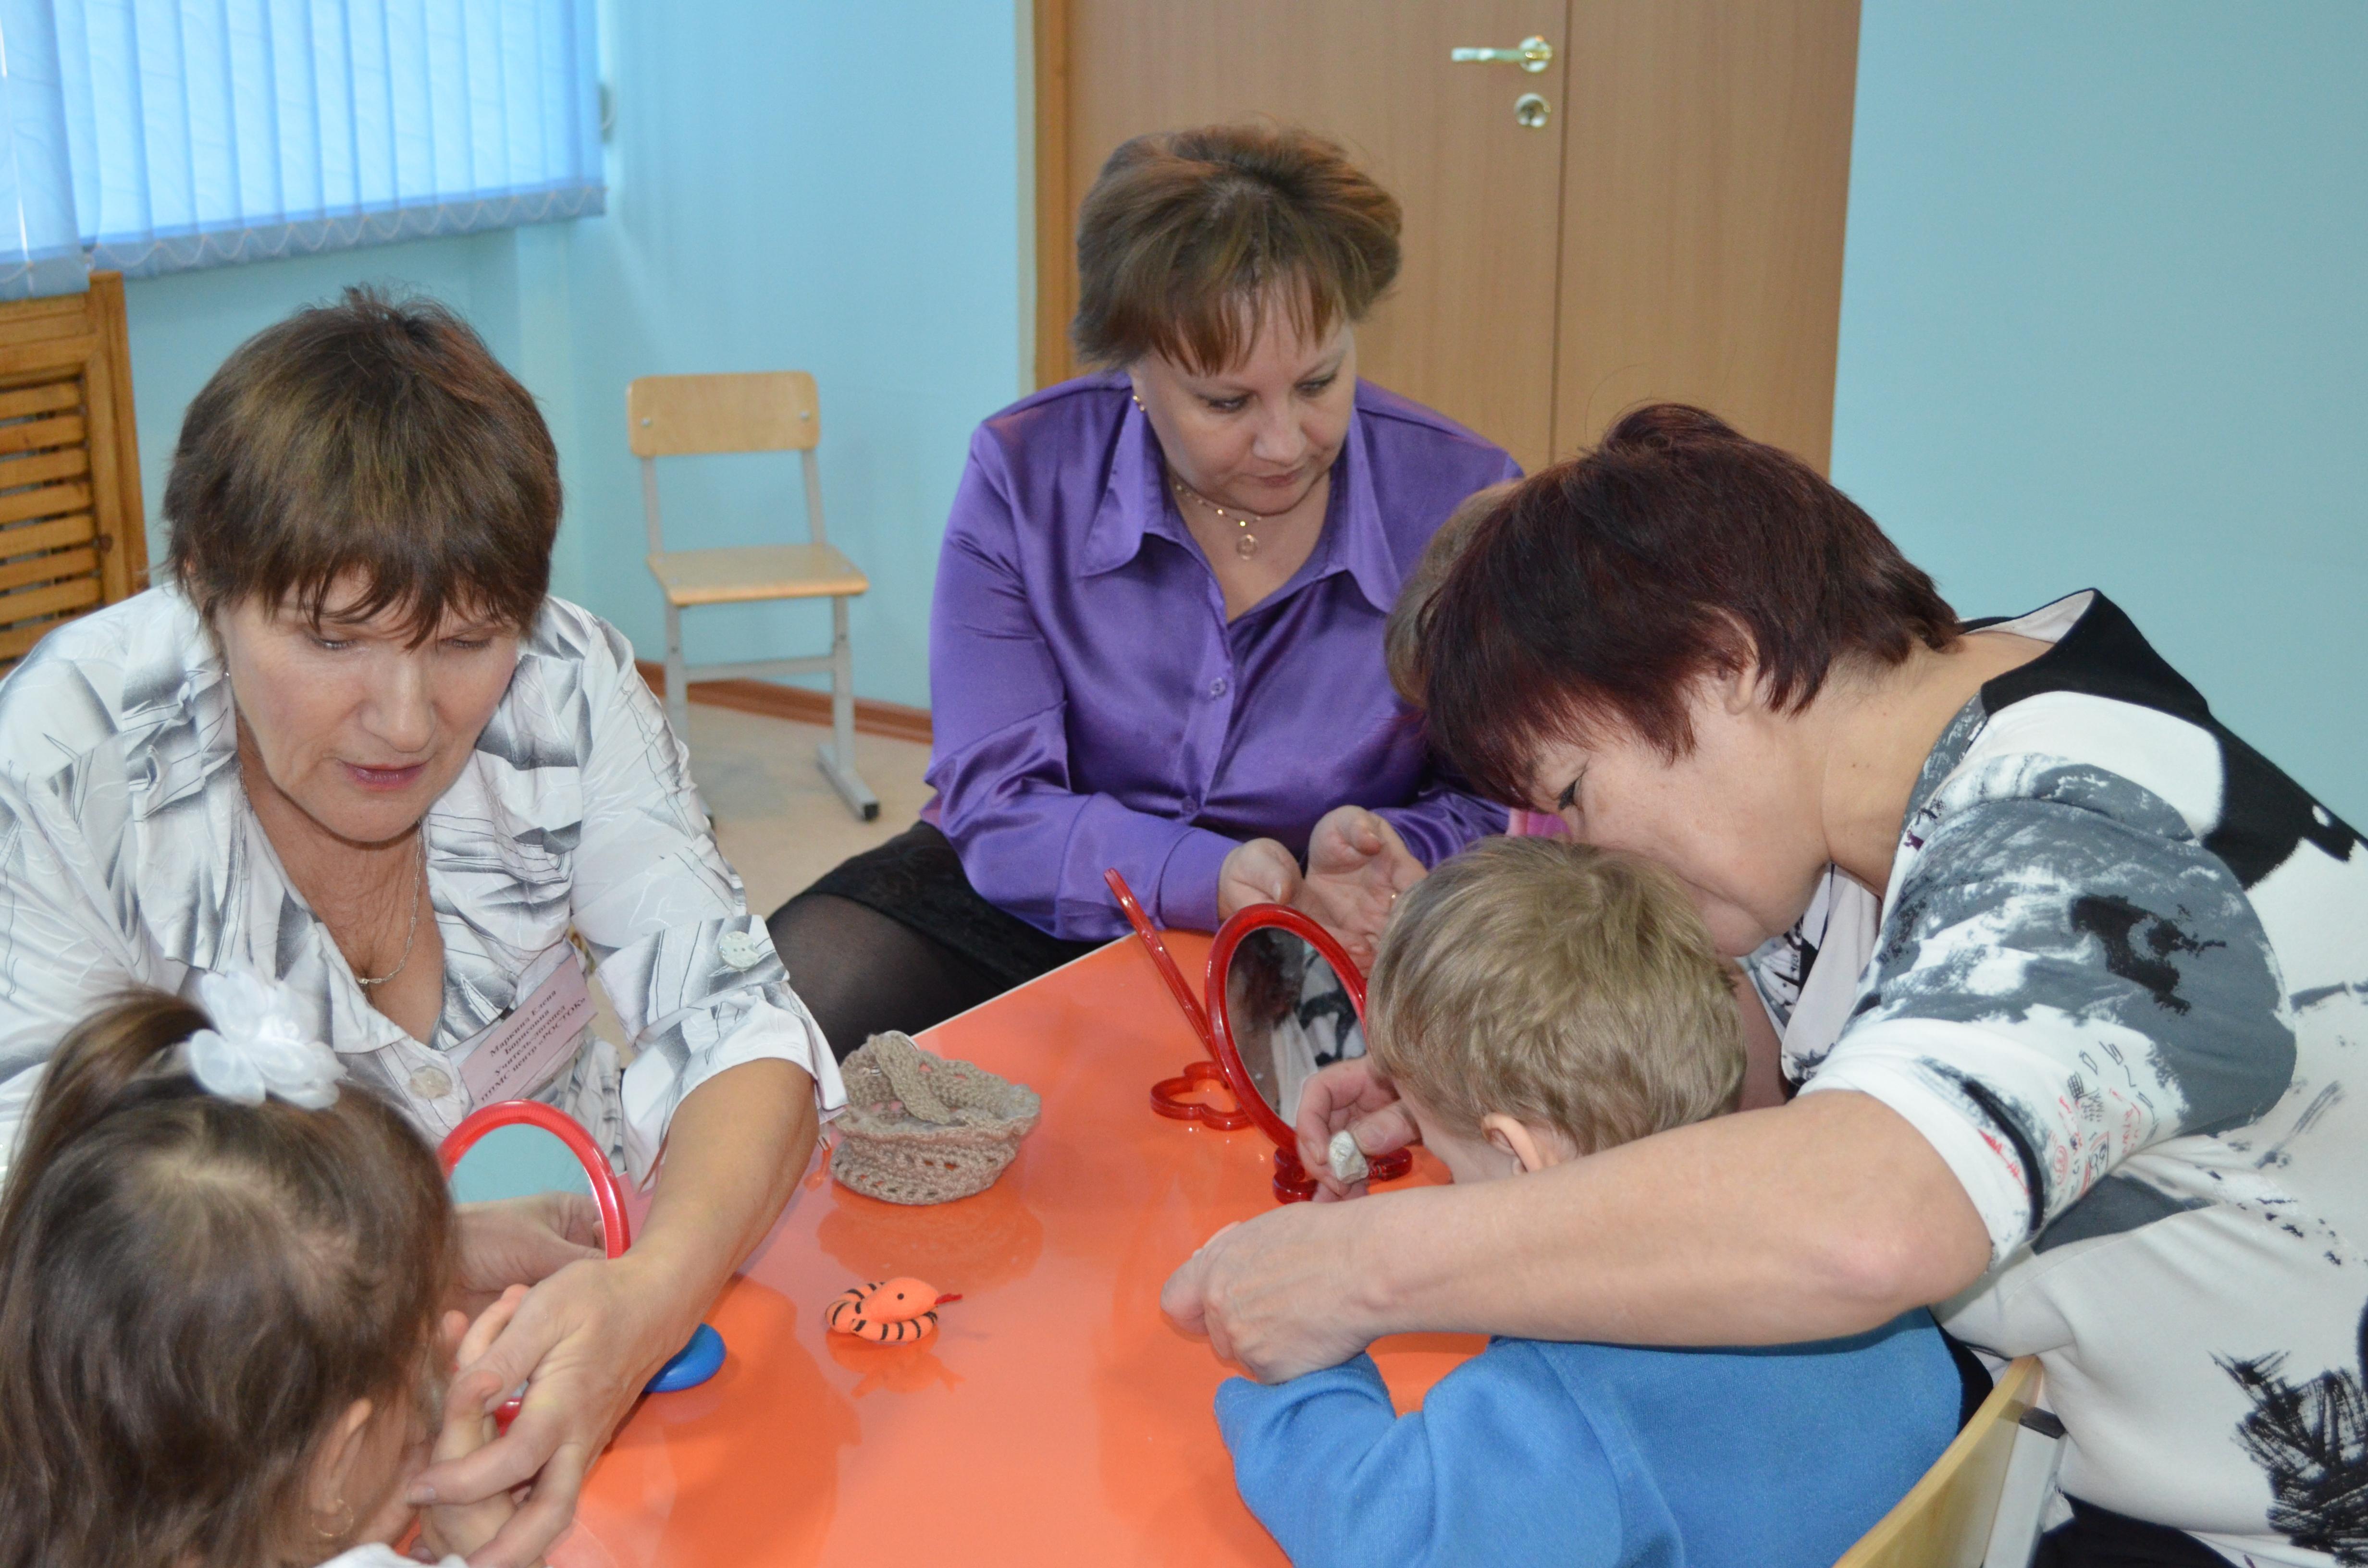 Специалисты ТПМПК проводят Мастер – класс по работе с дошкольниками с ДЦП для родителей и педагогов МДОУ № 186 «Волгарик», декабрь 2012 года